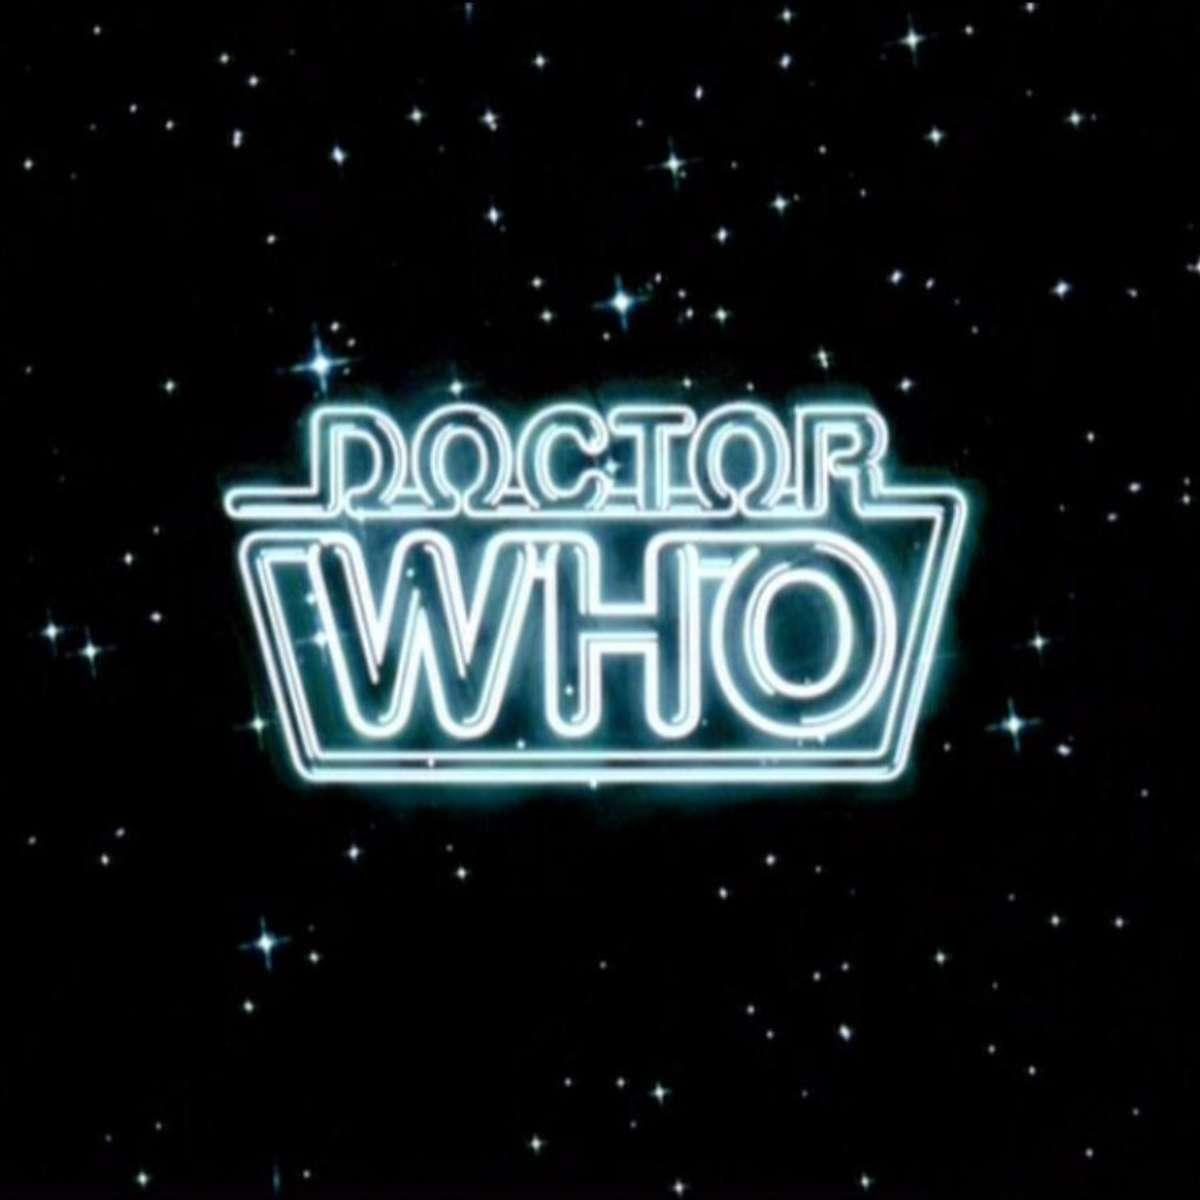 Doctor_Who_logo_5.jpg